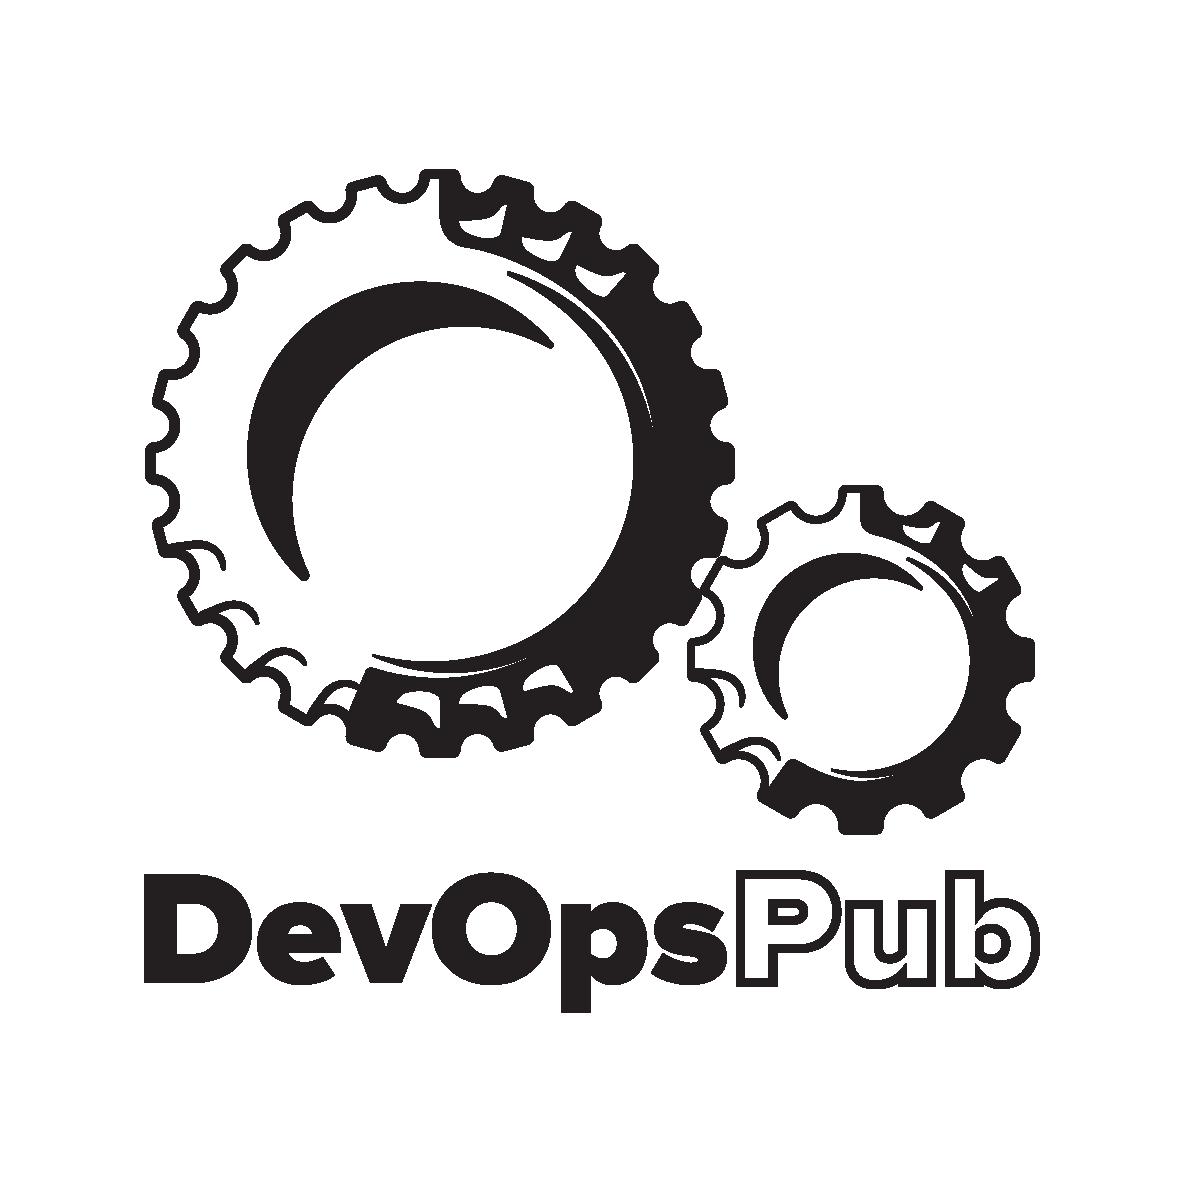 DevOpsPub